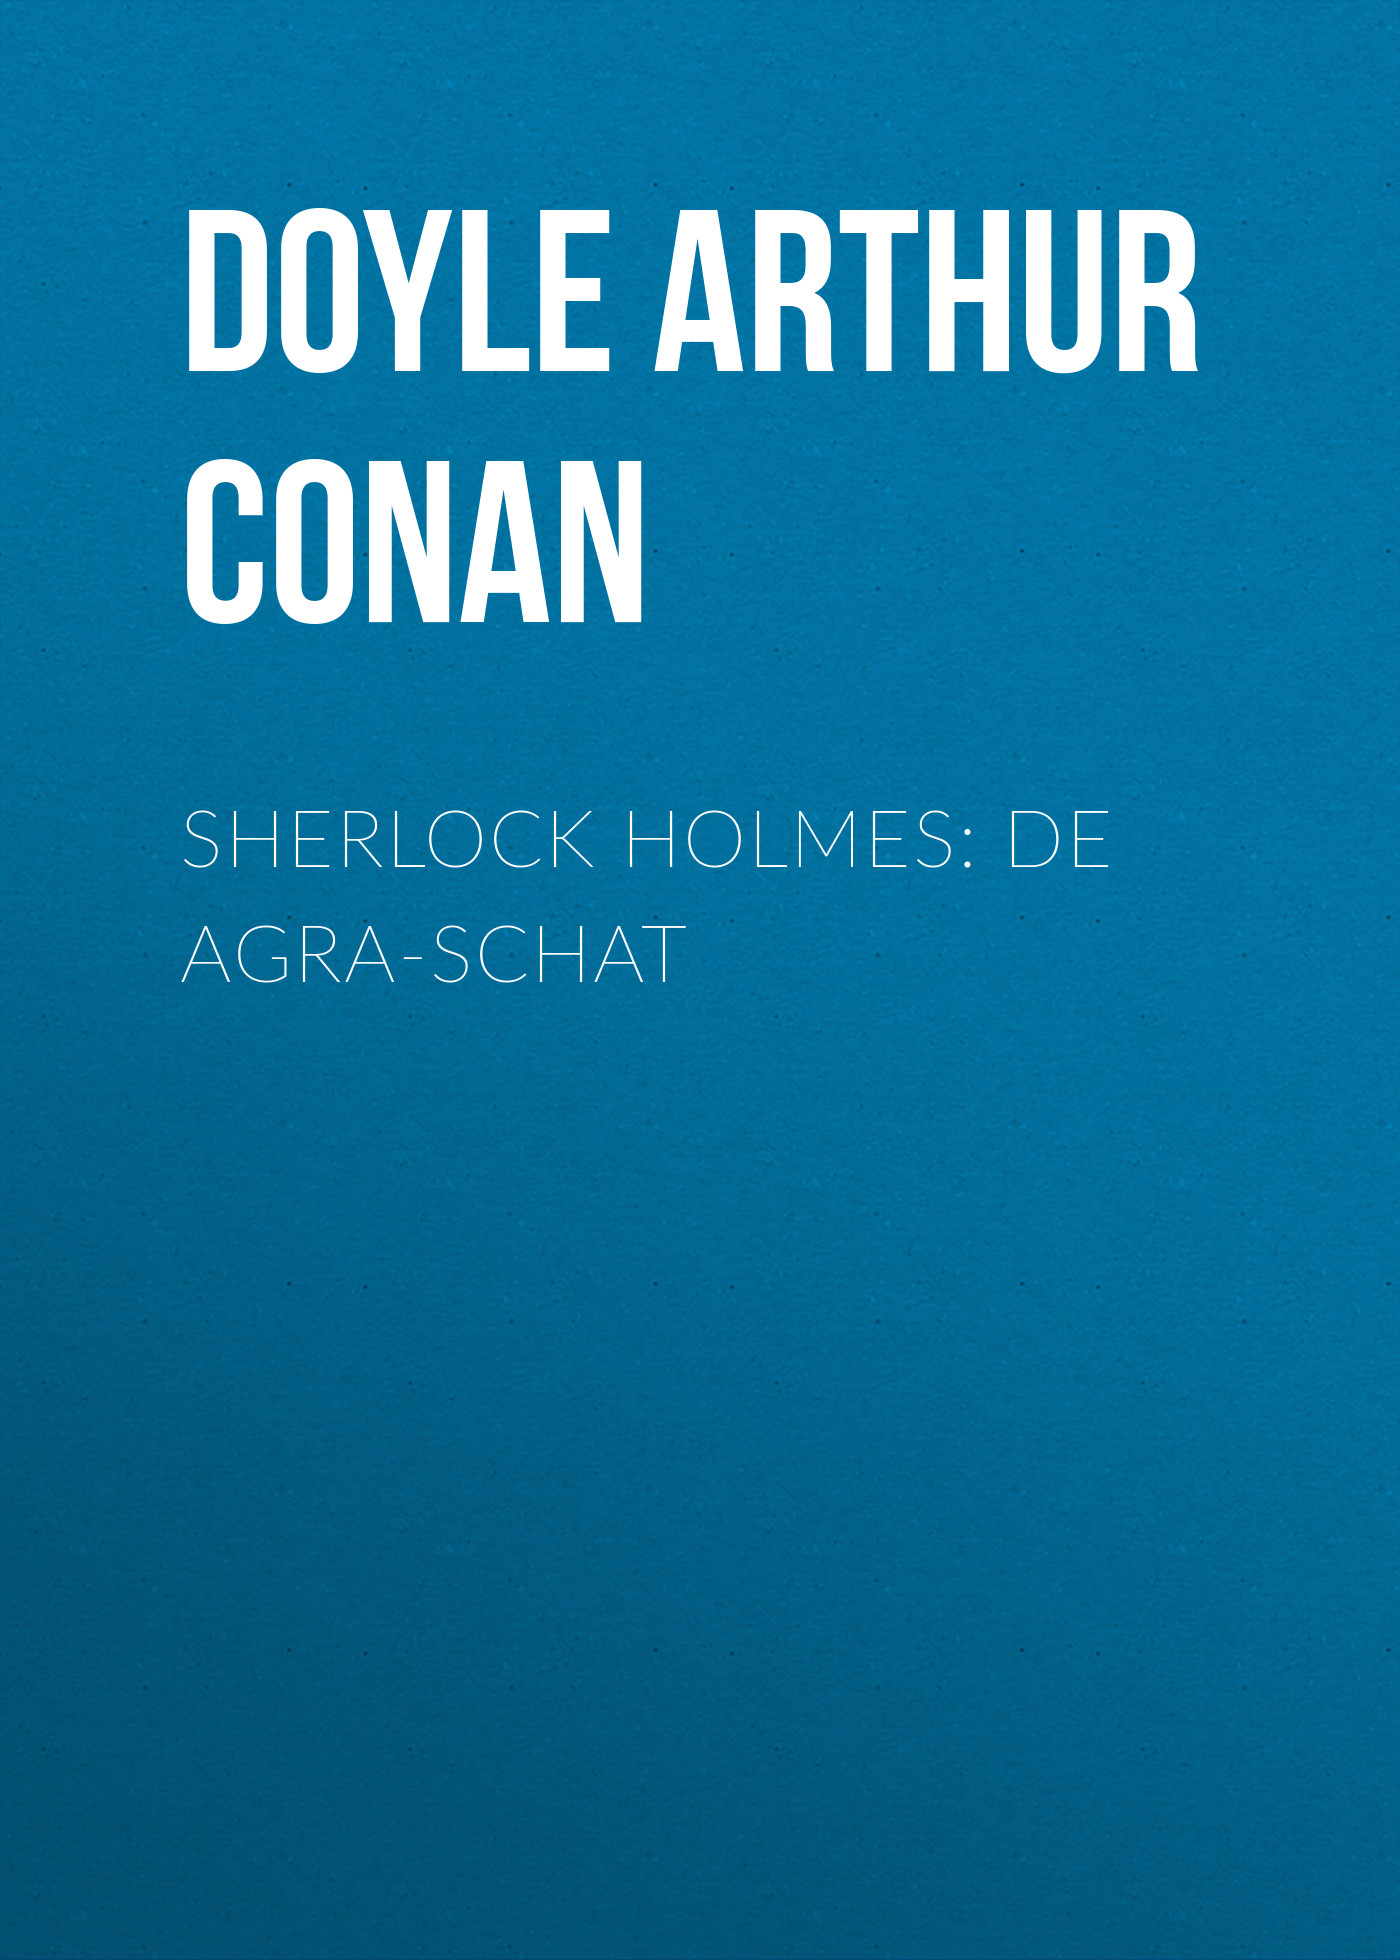 Doyle Arthur Conan Sherlock Holmes: De Agra-Schat doyle arthur conan el sabueso de los baskerville